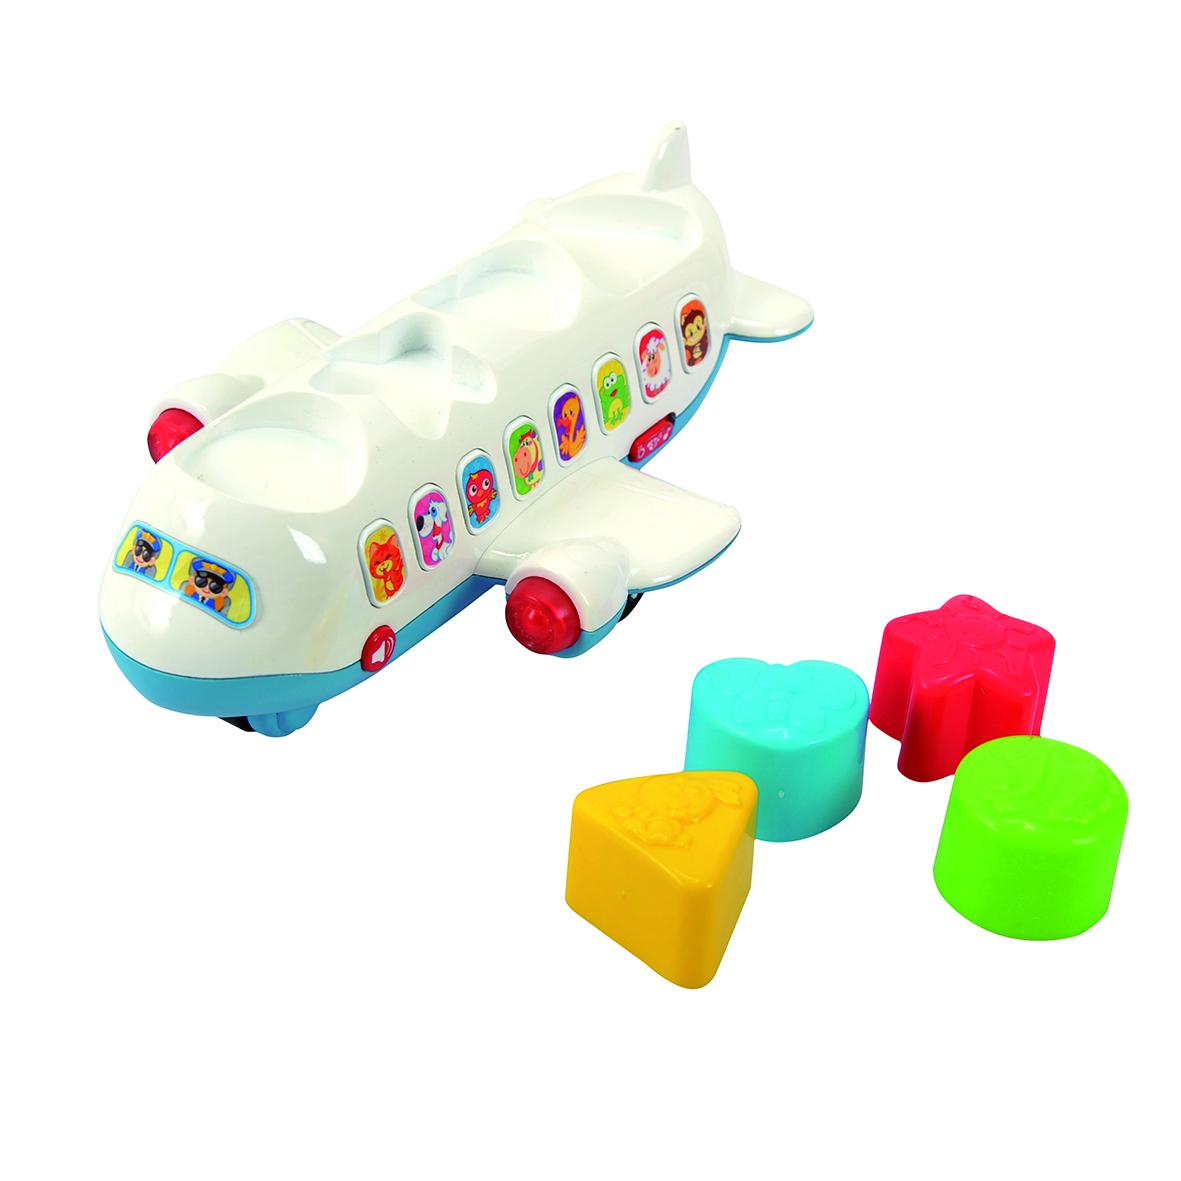 Playgo Развивающая игрушка Самолет-сортер playgo развивающая игрушка самолет сортер